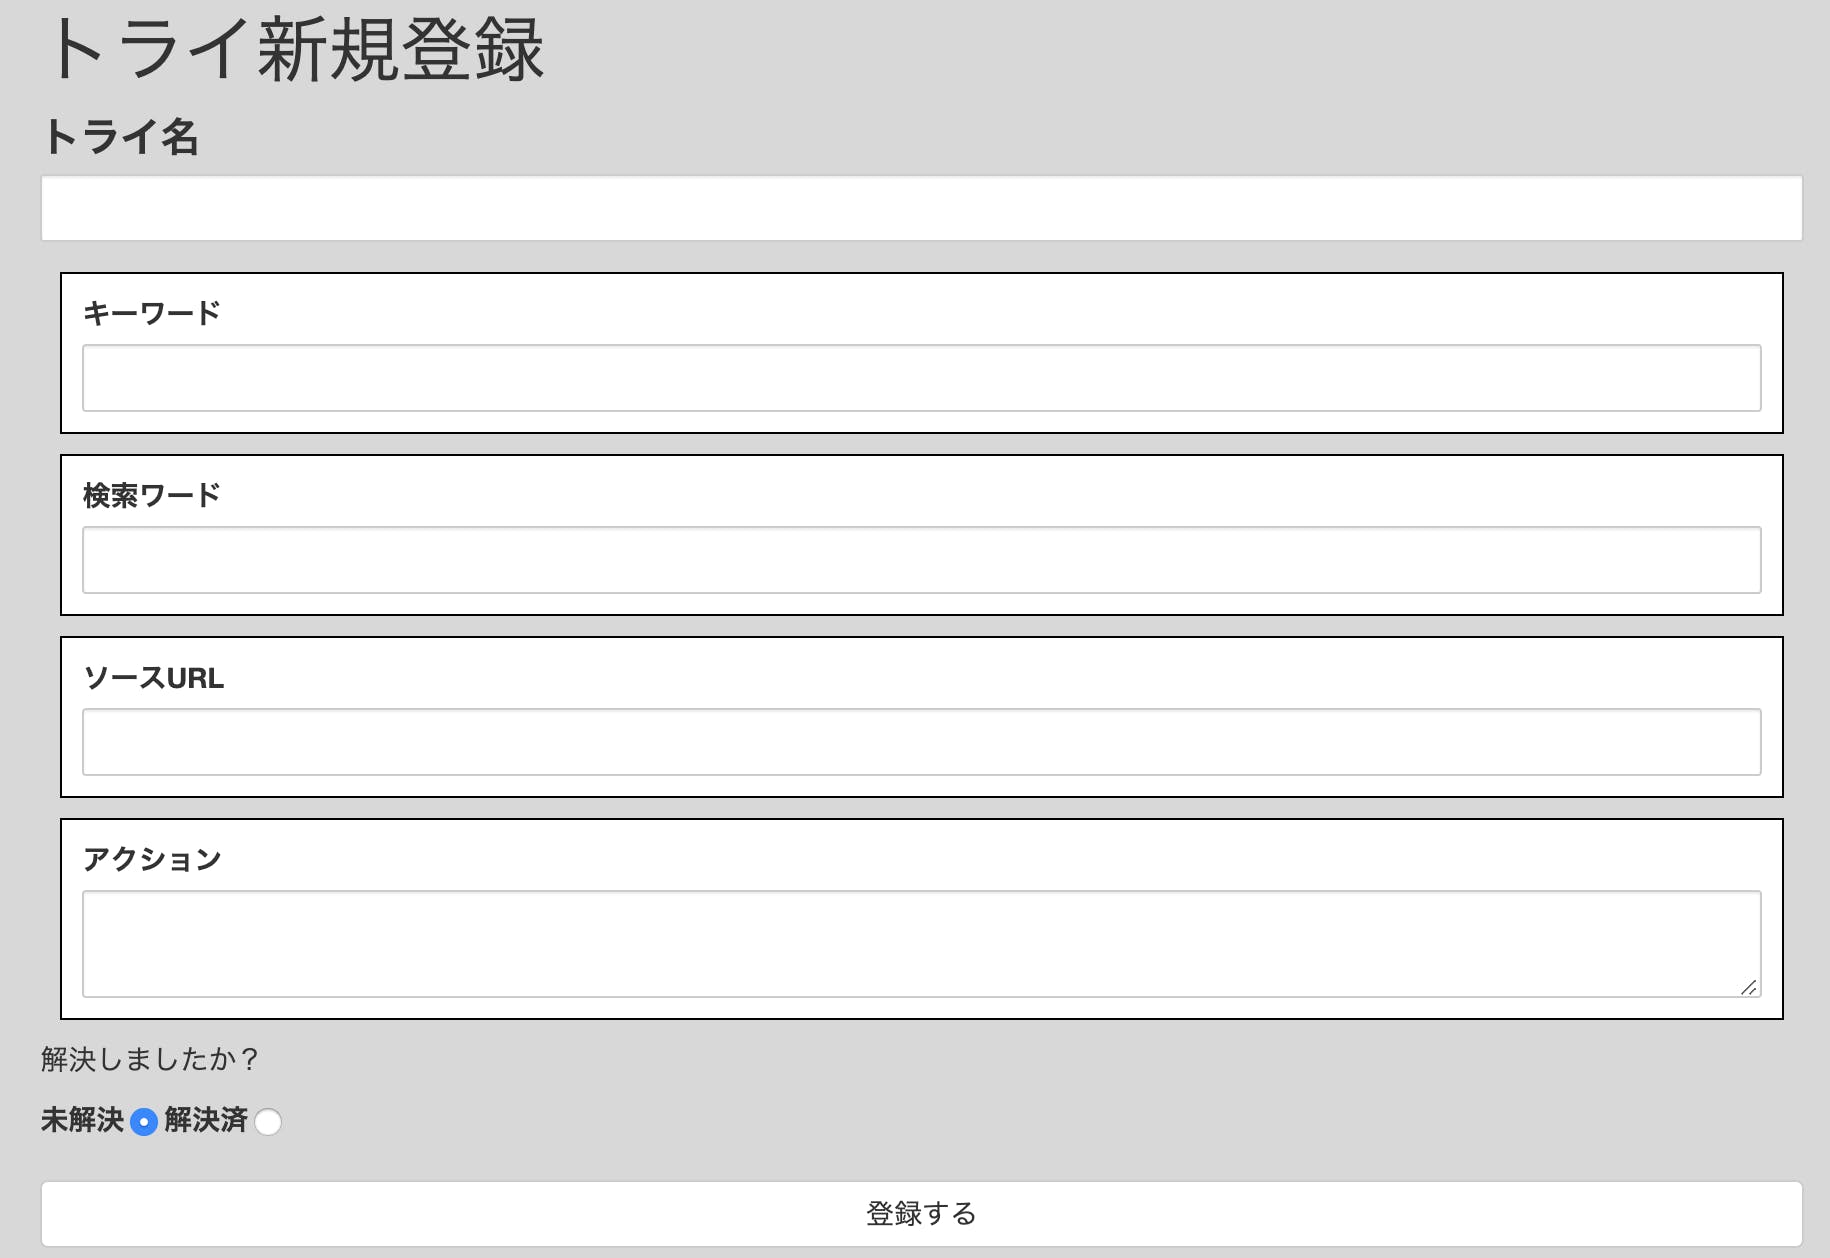 スクリーンショット 2019-05-10 19.05.31.png